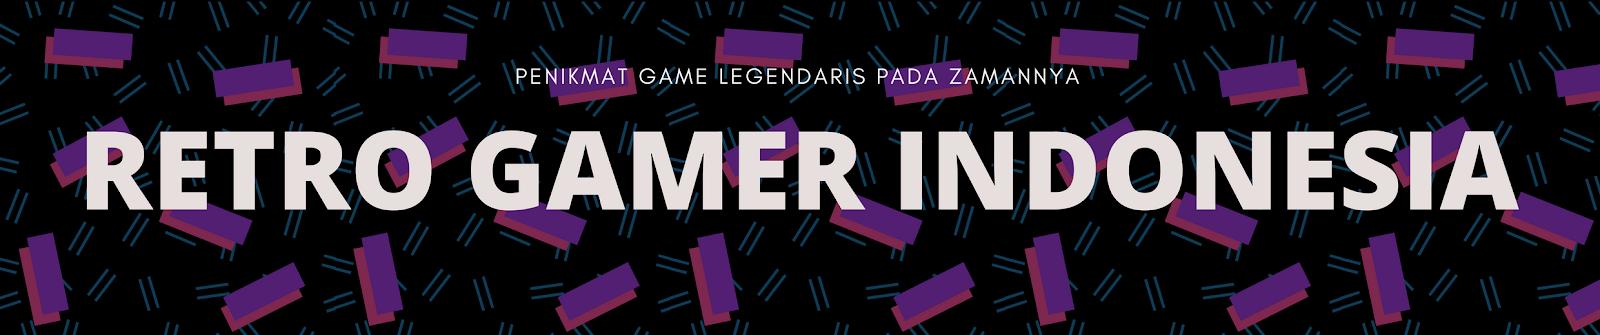 Retro Gamer Indonesia